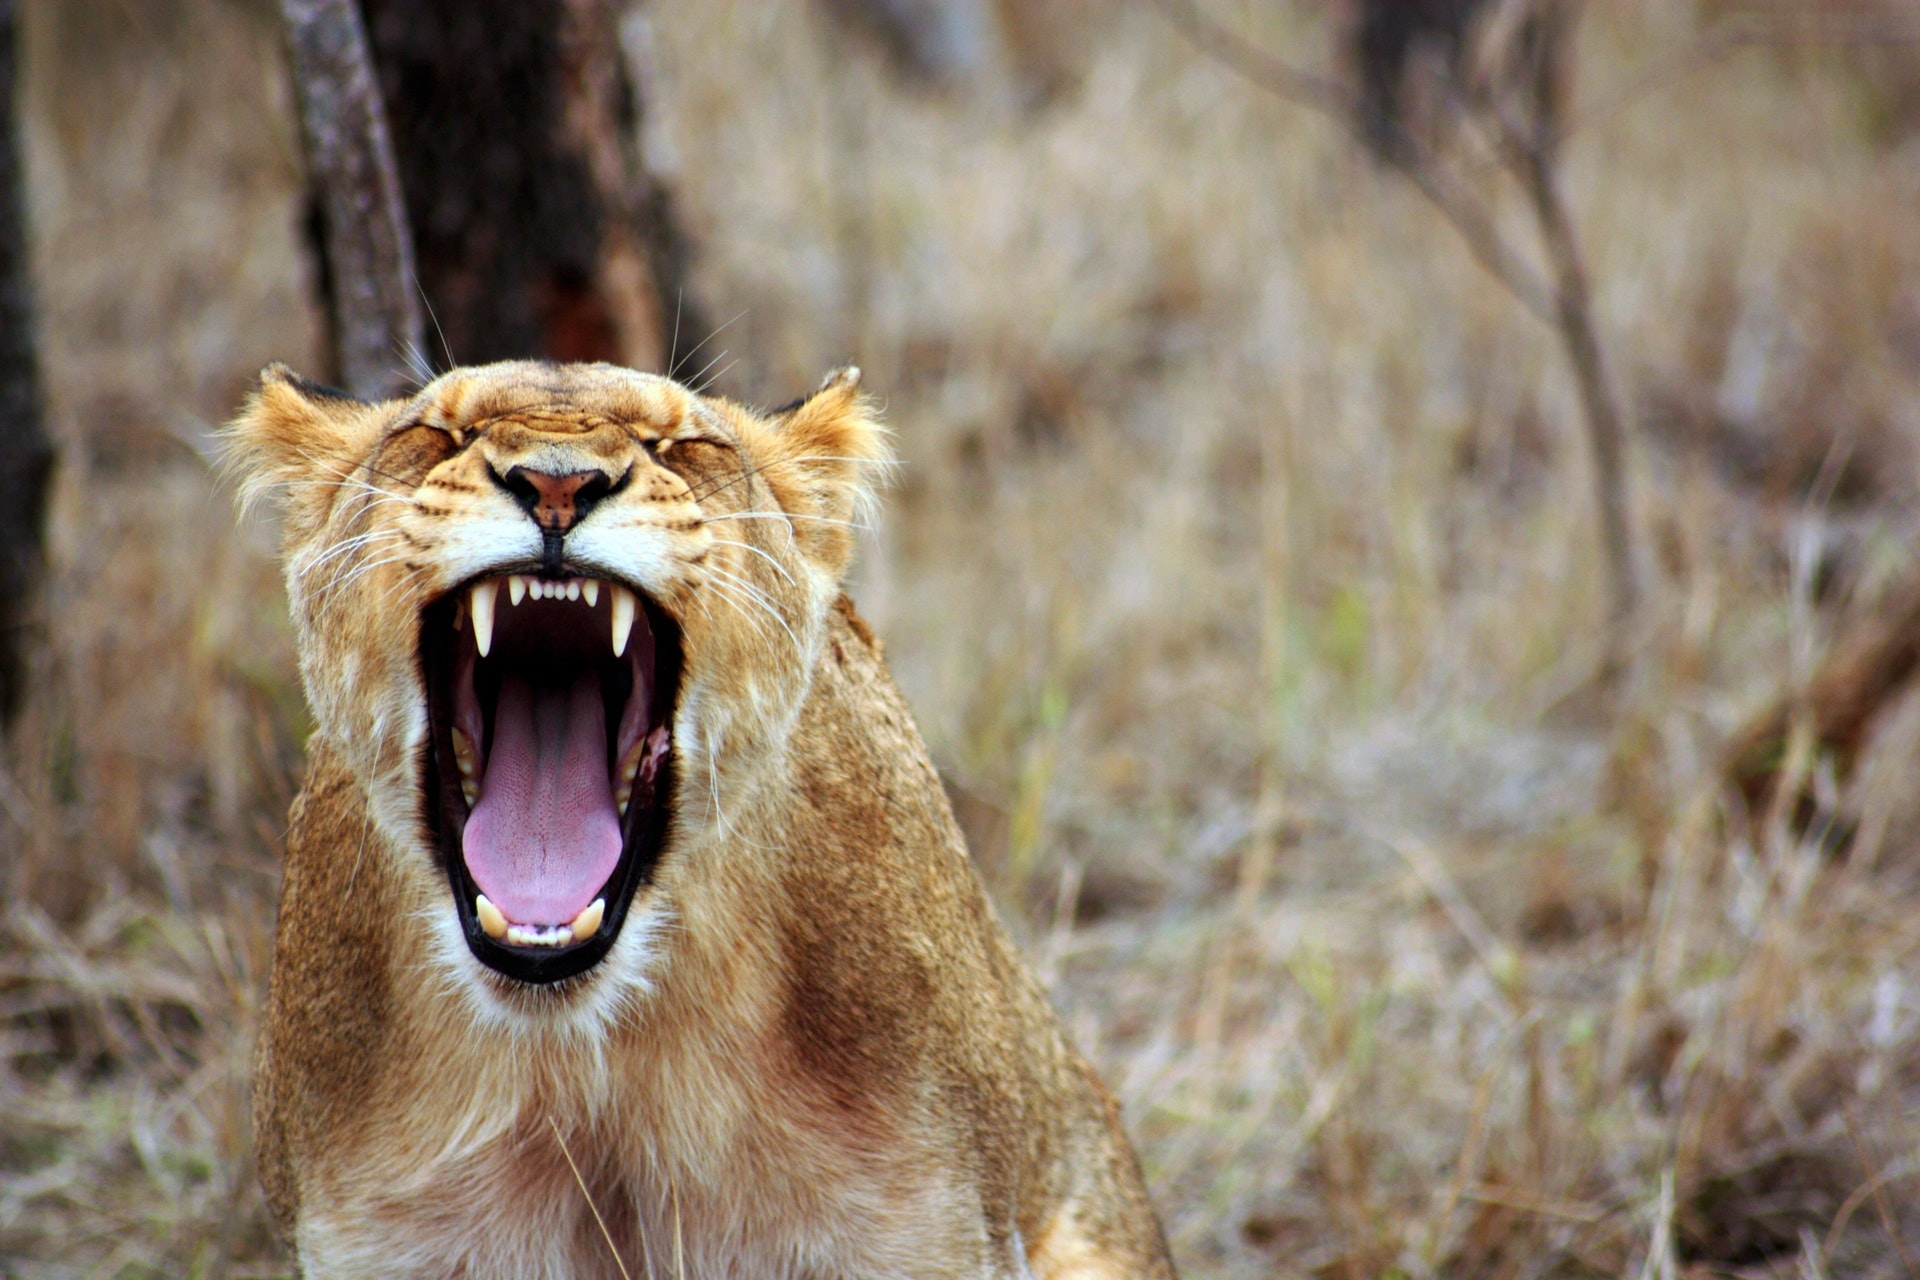 Vrede der skader dine kære. Få online hjælp under corona virussen